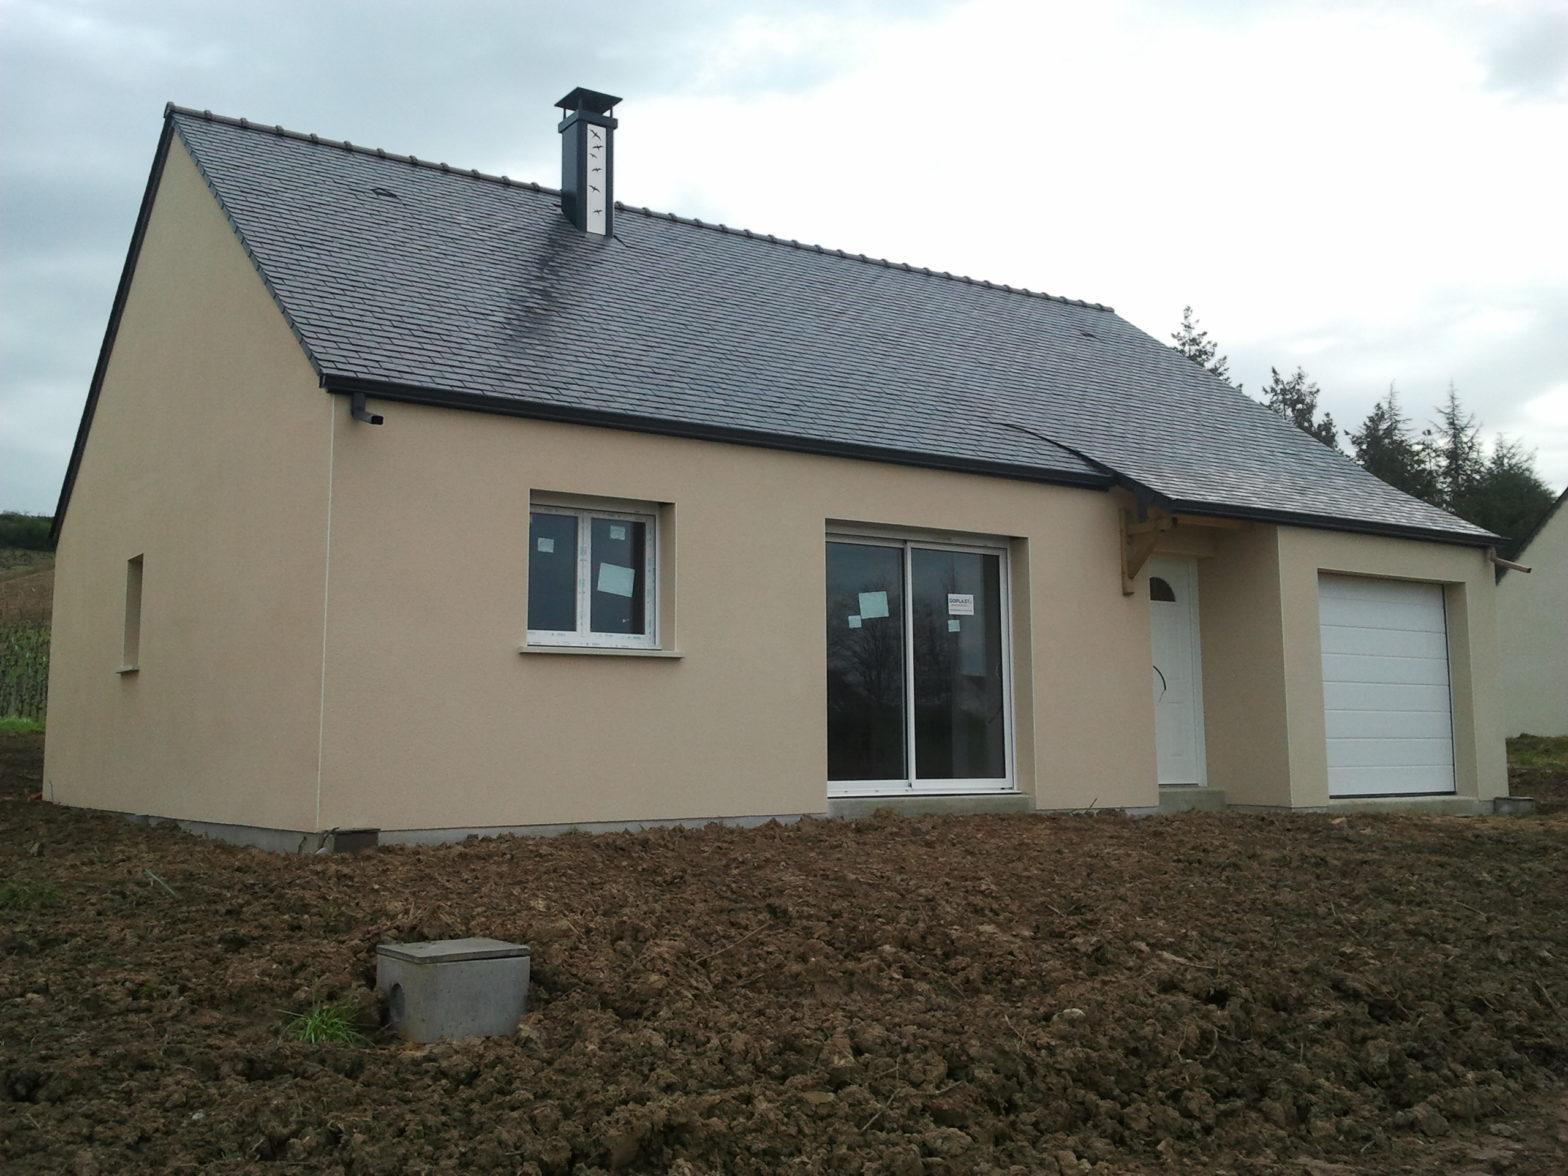 maison-plain-pied-toiture-ardoise-les-alleuds-49320